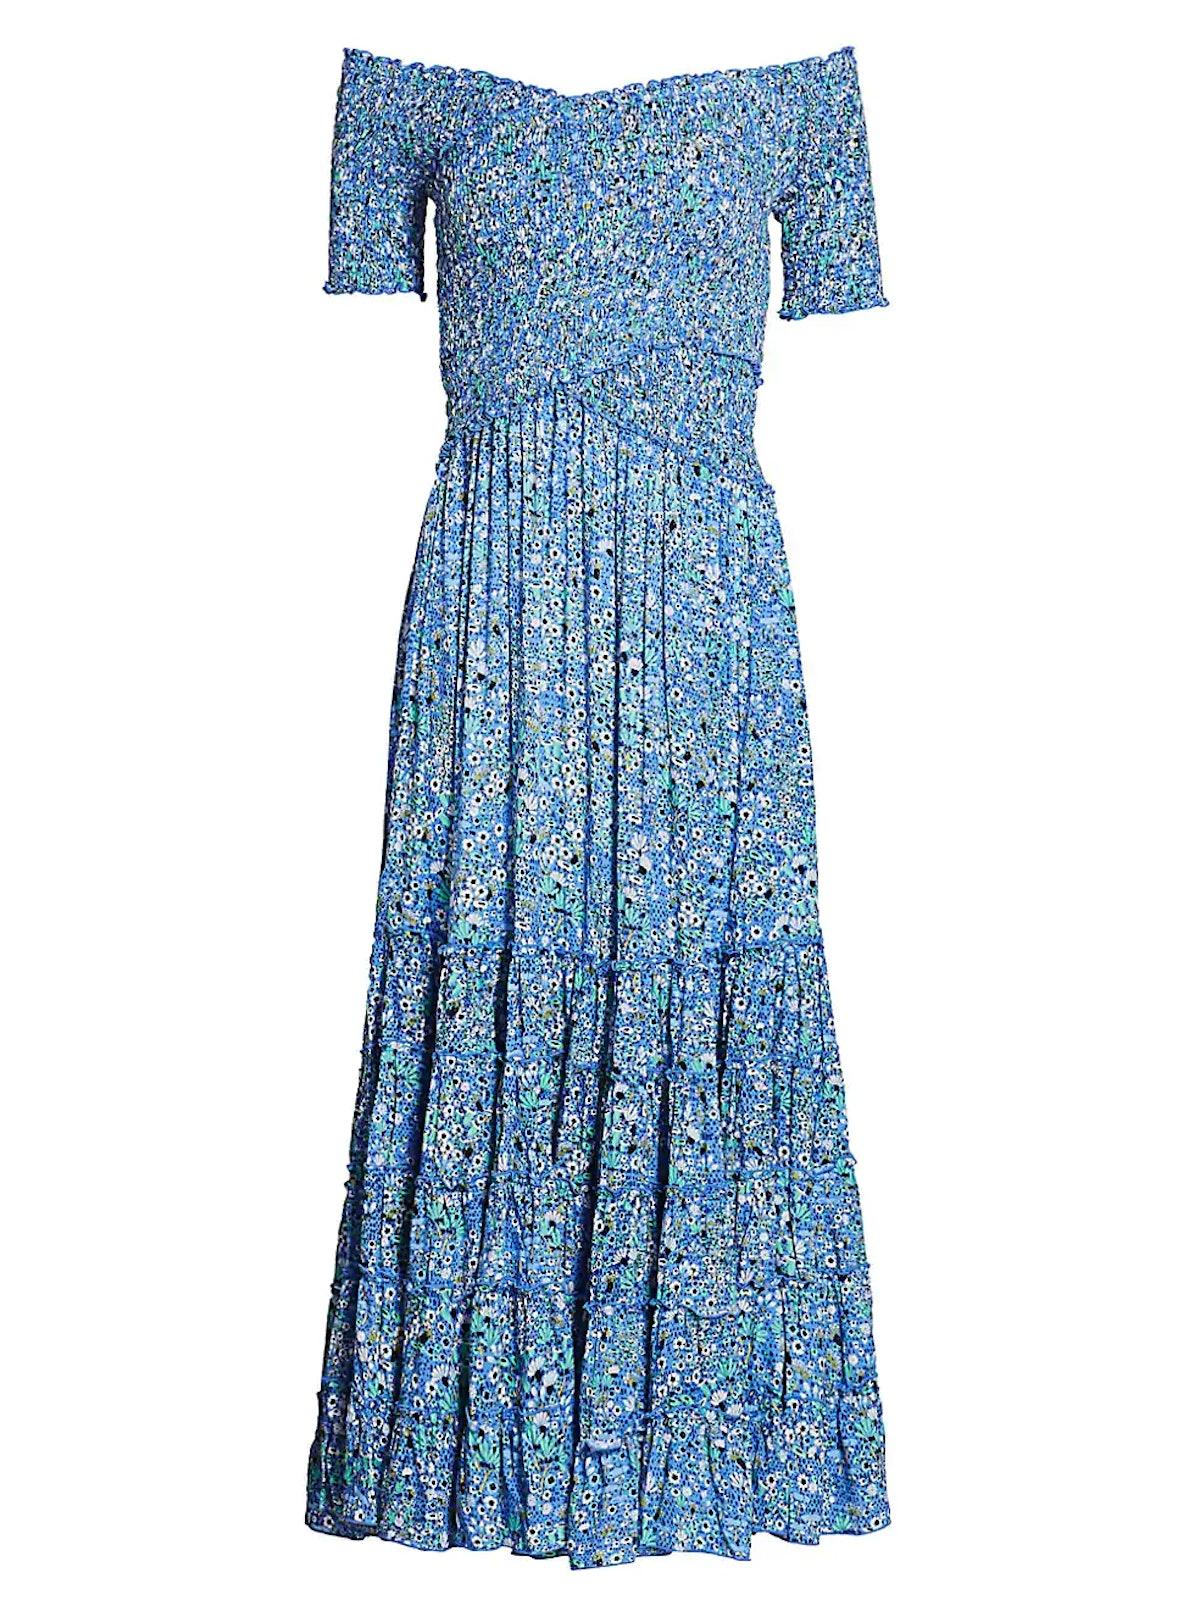 Soledad Off-The-Shoulder Floral Midi Dress